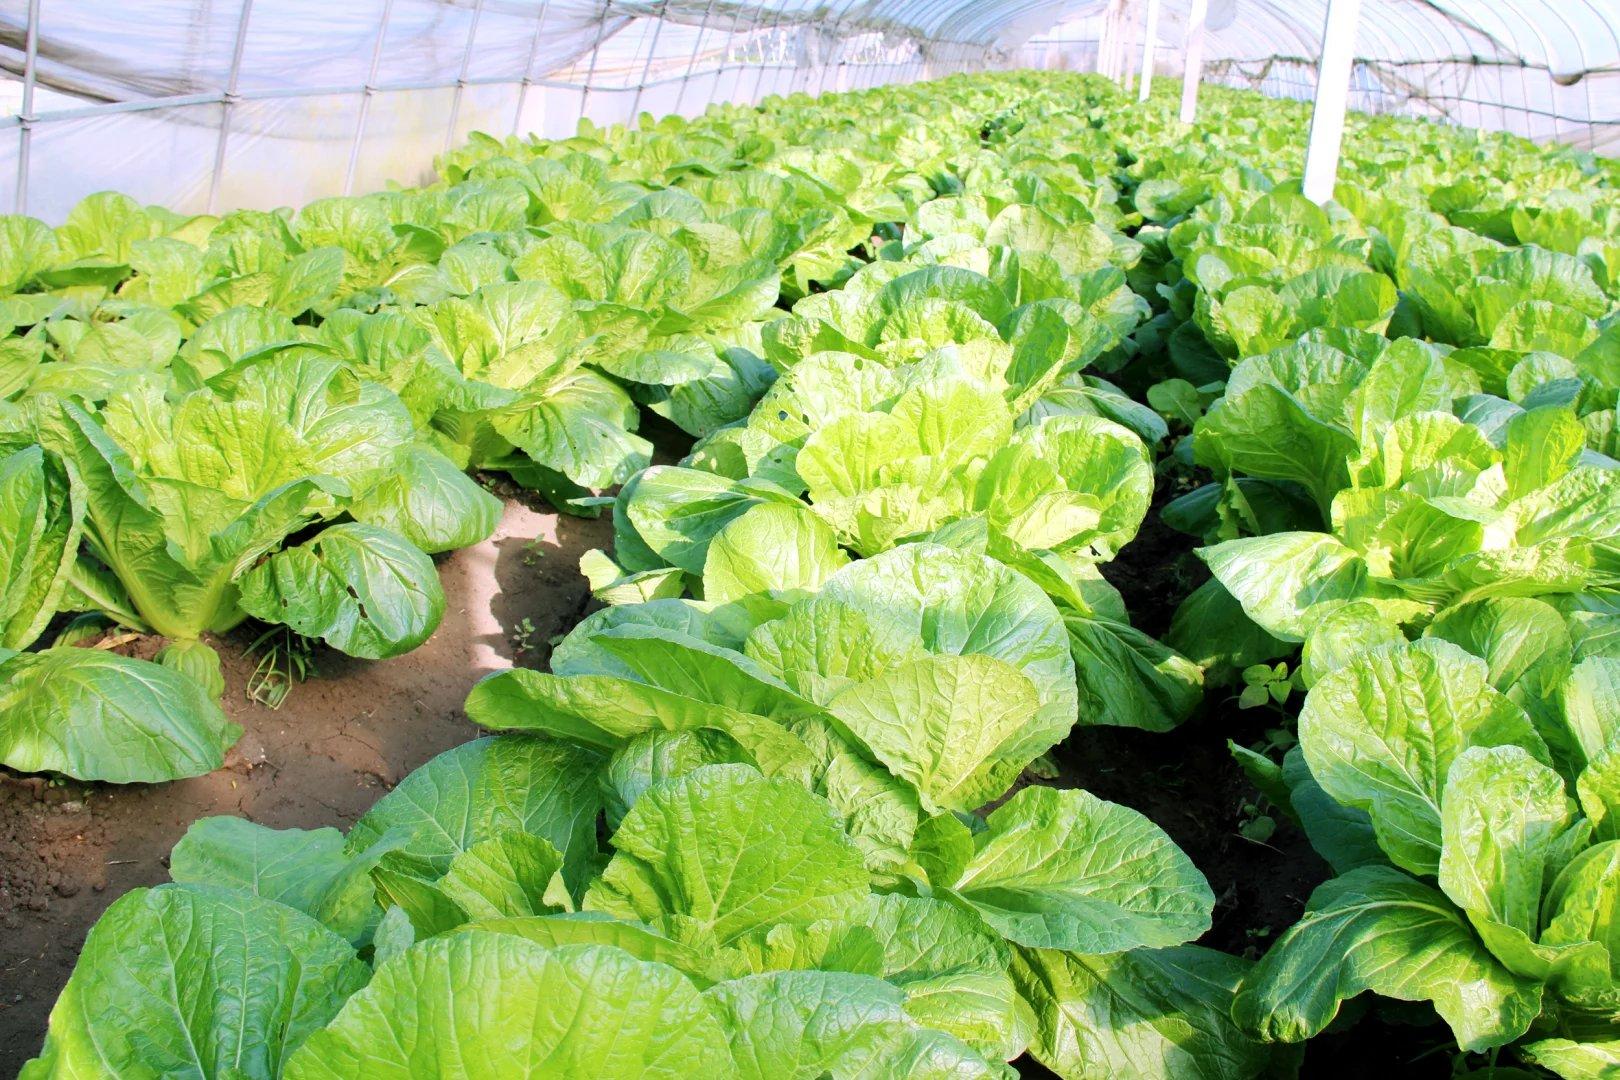 甘肃张掖现代农业示范园,开启智慧农业标准化种植